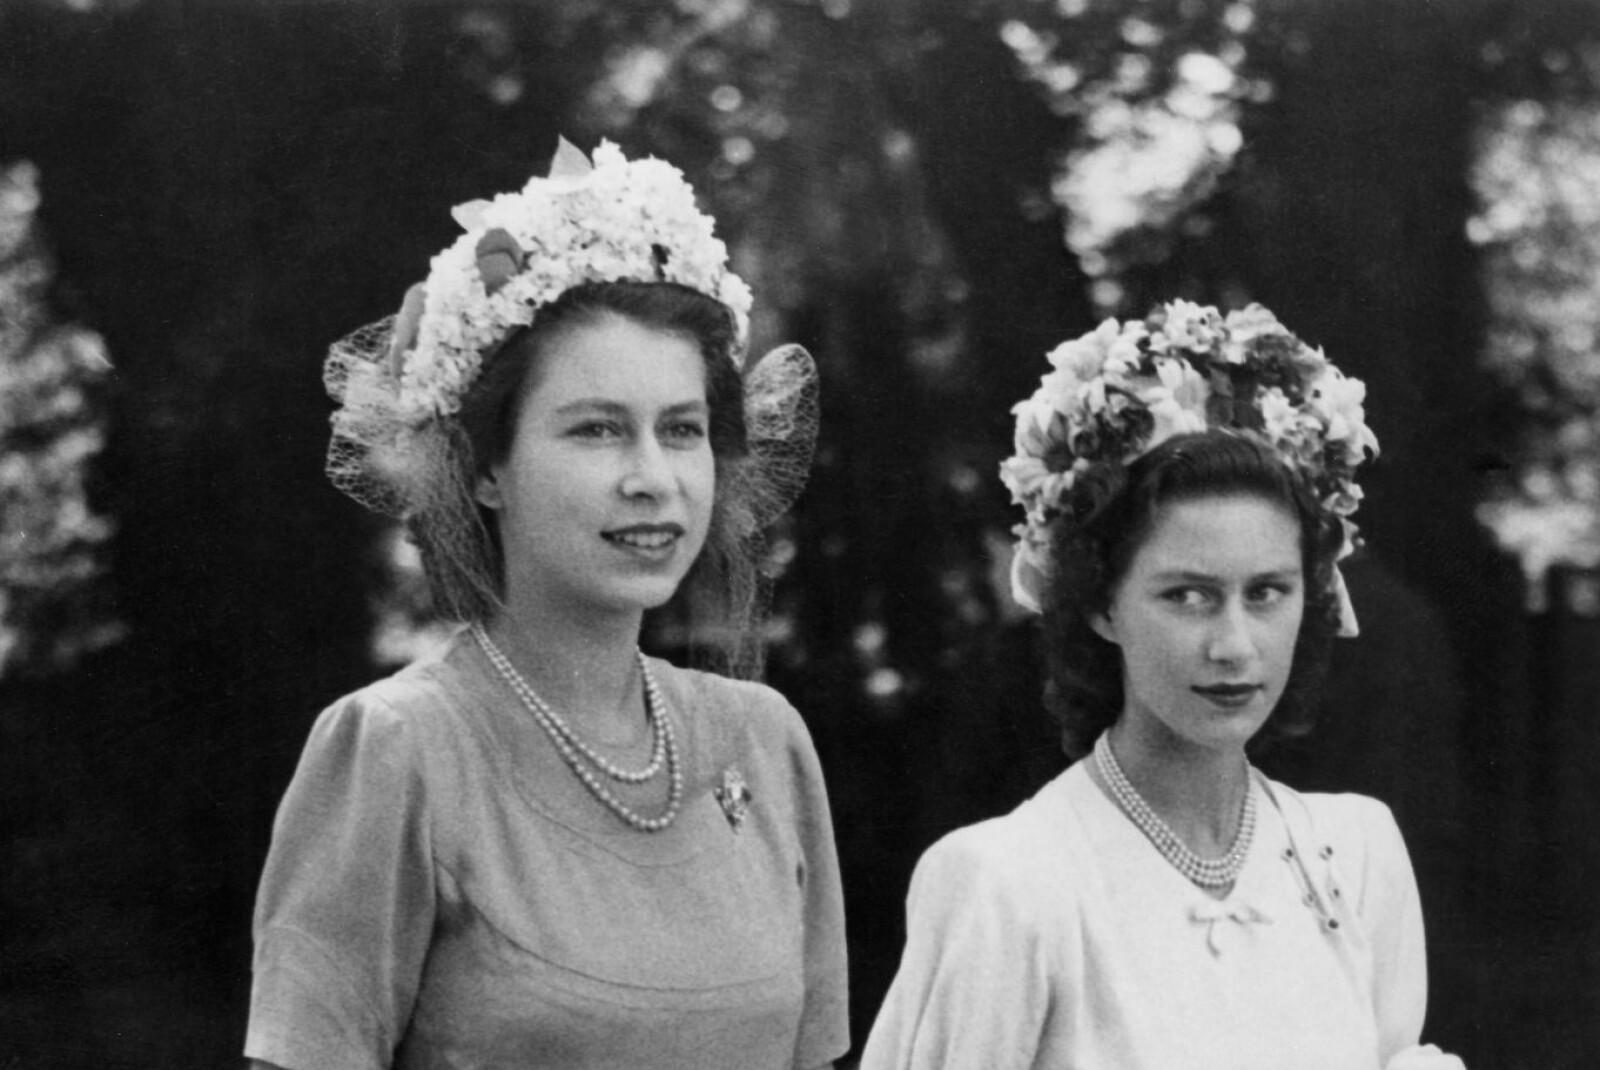 SATTE EN STOPPER FOR KJÆRLIGHETEN: Til tross for at dronning Elizabeth ønsket å gjøre alt for at lillesøsteren prinsesse Margaret skulle få oppleve lykke lot hun seg påvirke av datidens normer som ikke tillot at en prinsesse giftet seg med en skilt mann. Dette bildet er tatt av søstrene i 1947 - samme år som Elizabeth giftet seg med Philip Mountbatten. Foto: NTB Scanpix